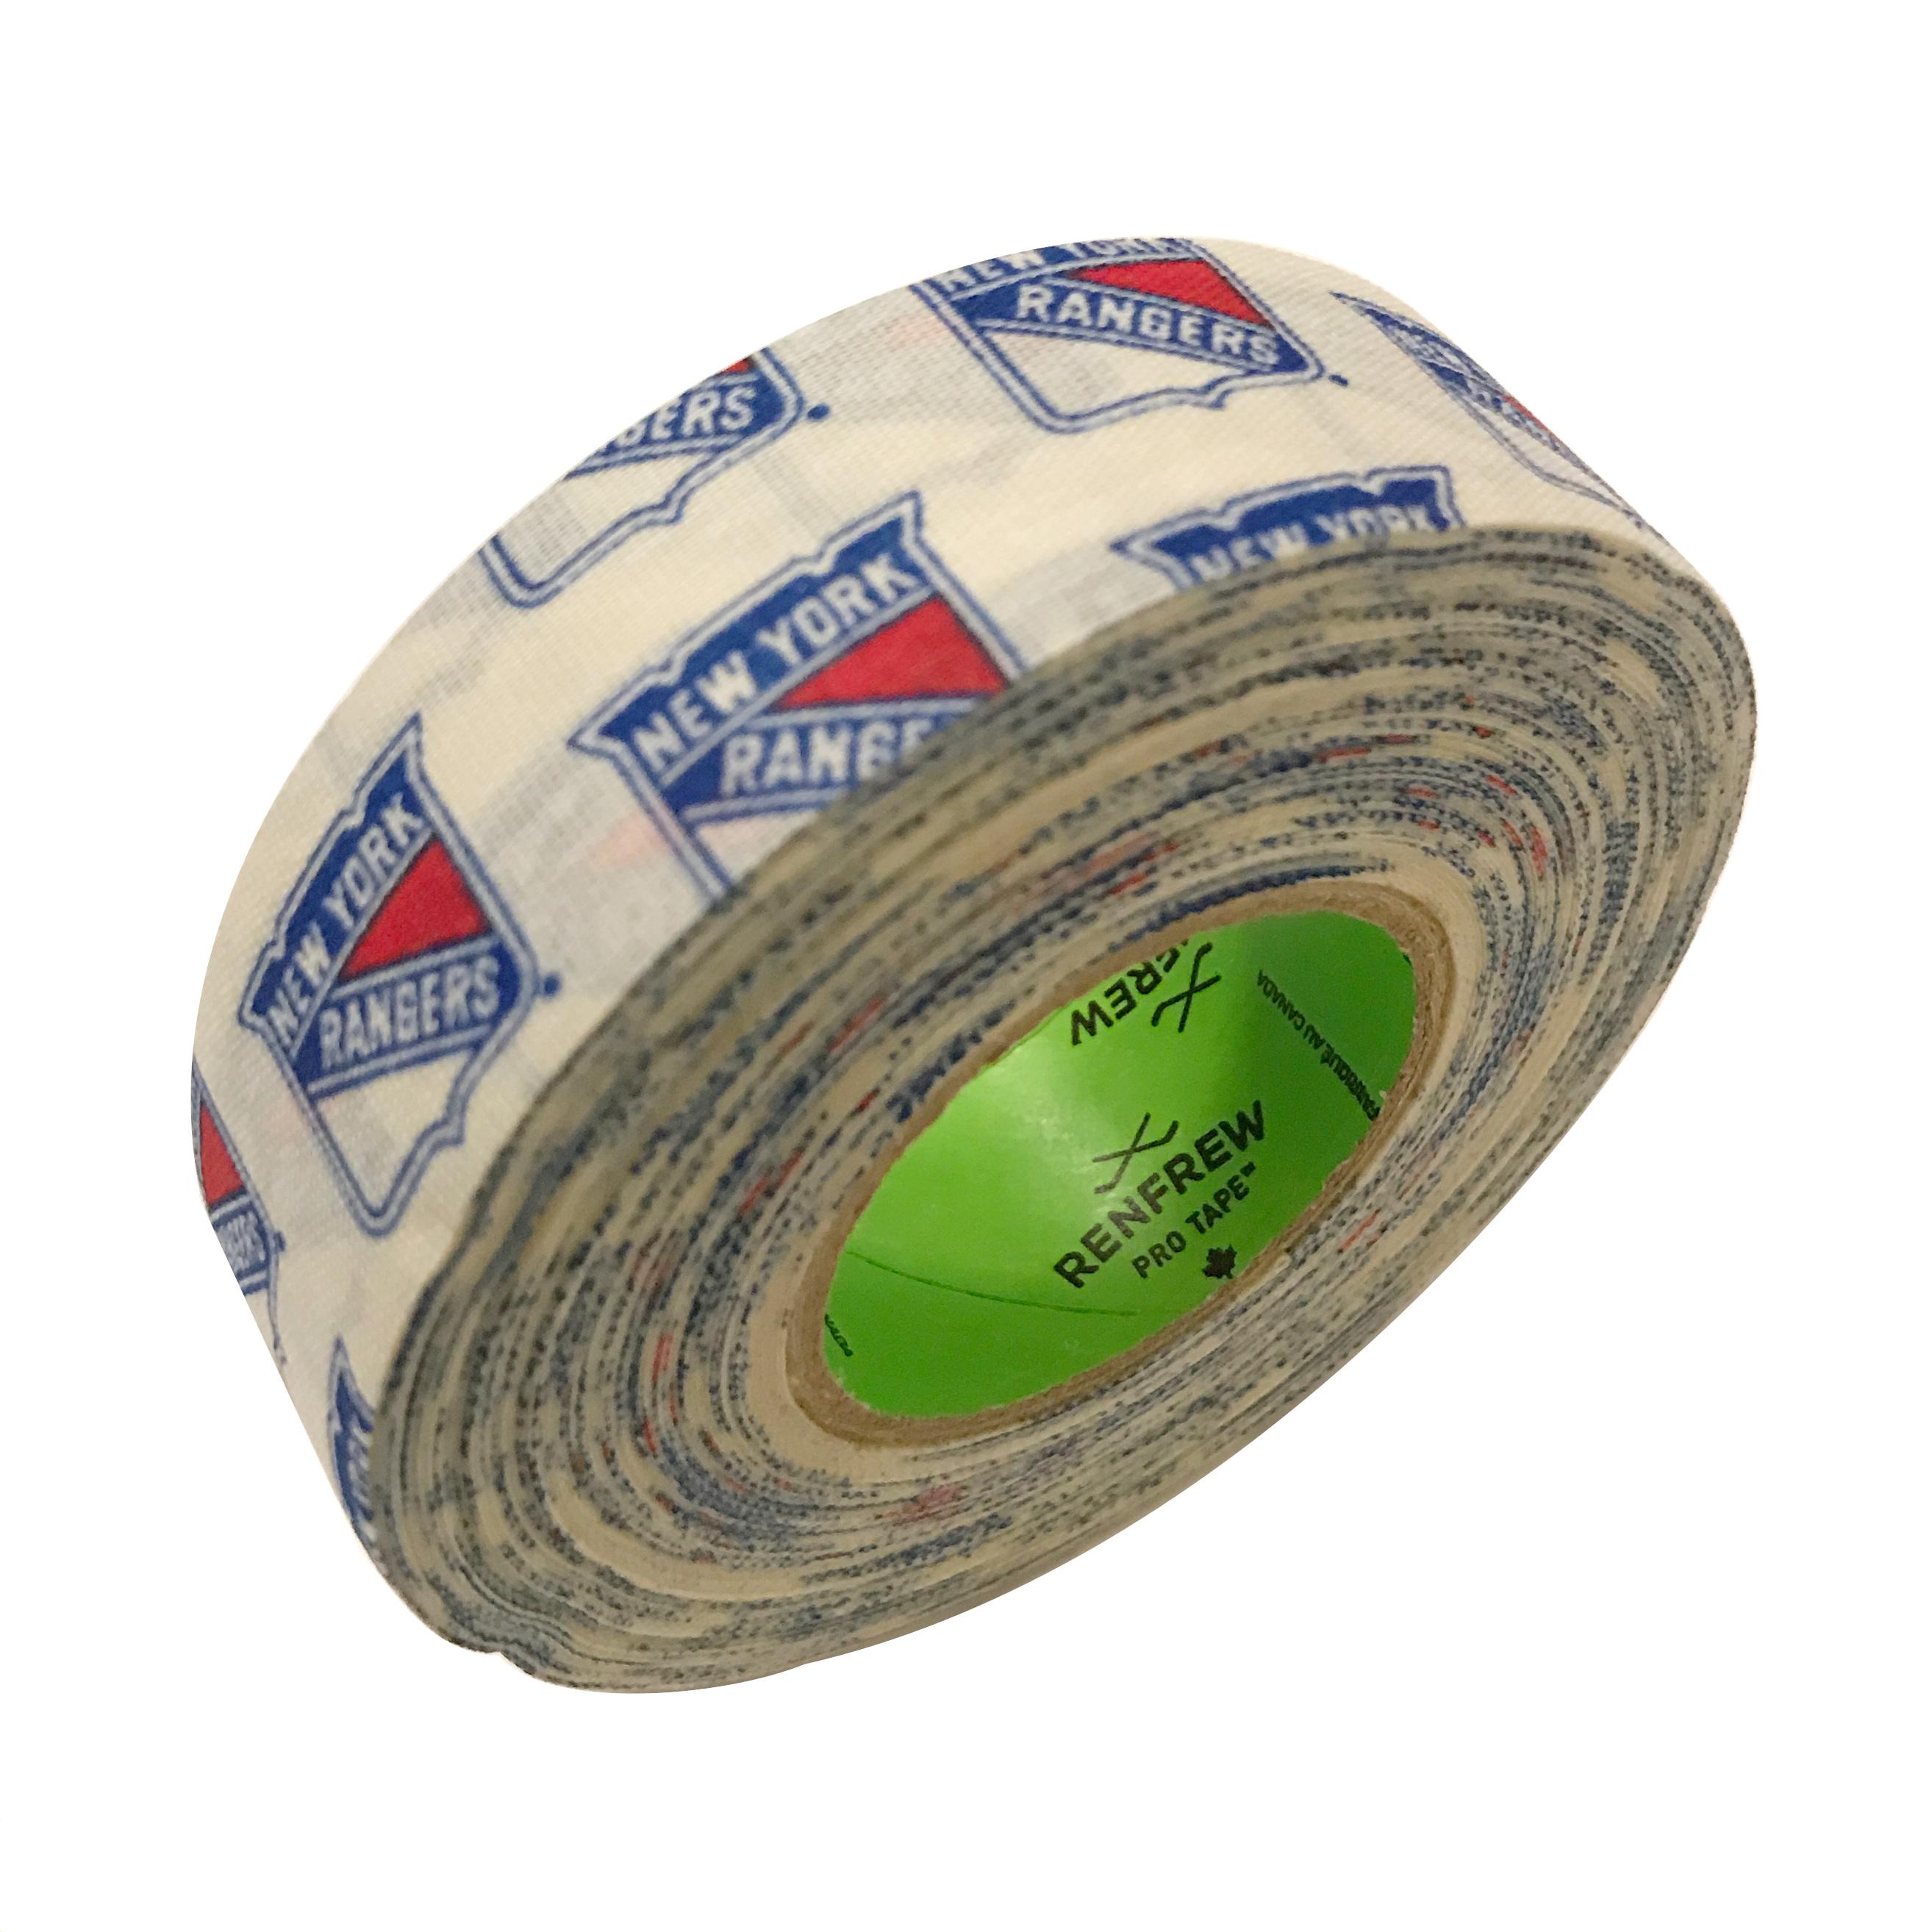 Renfrew NHL erkka